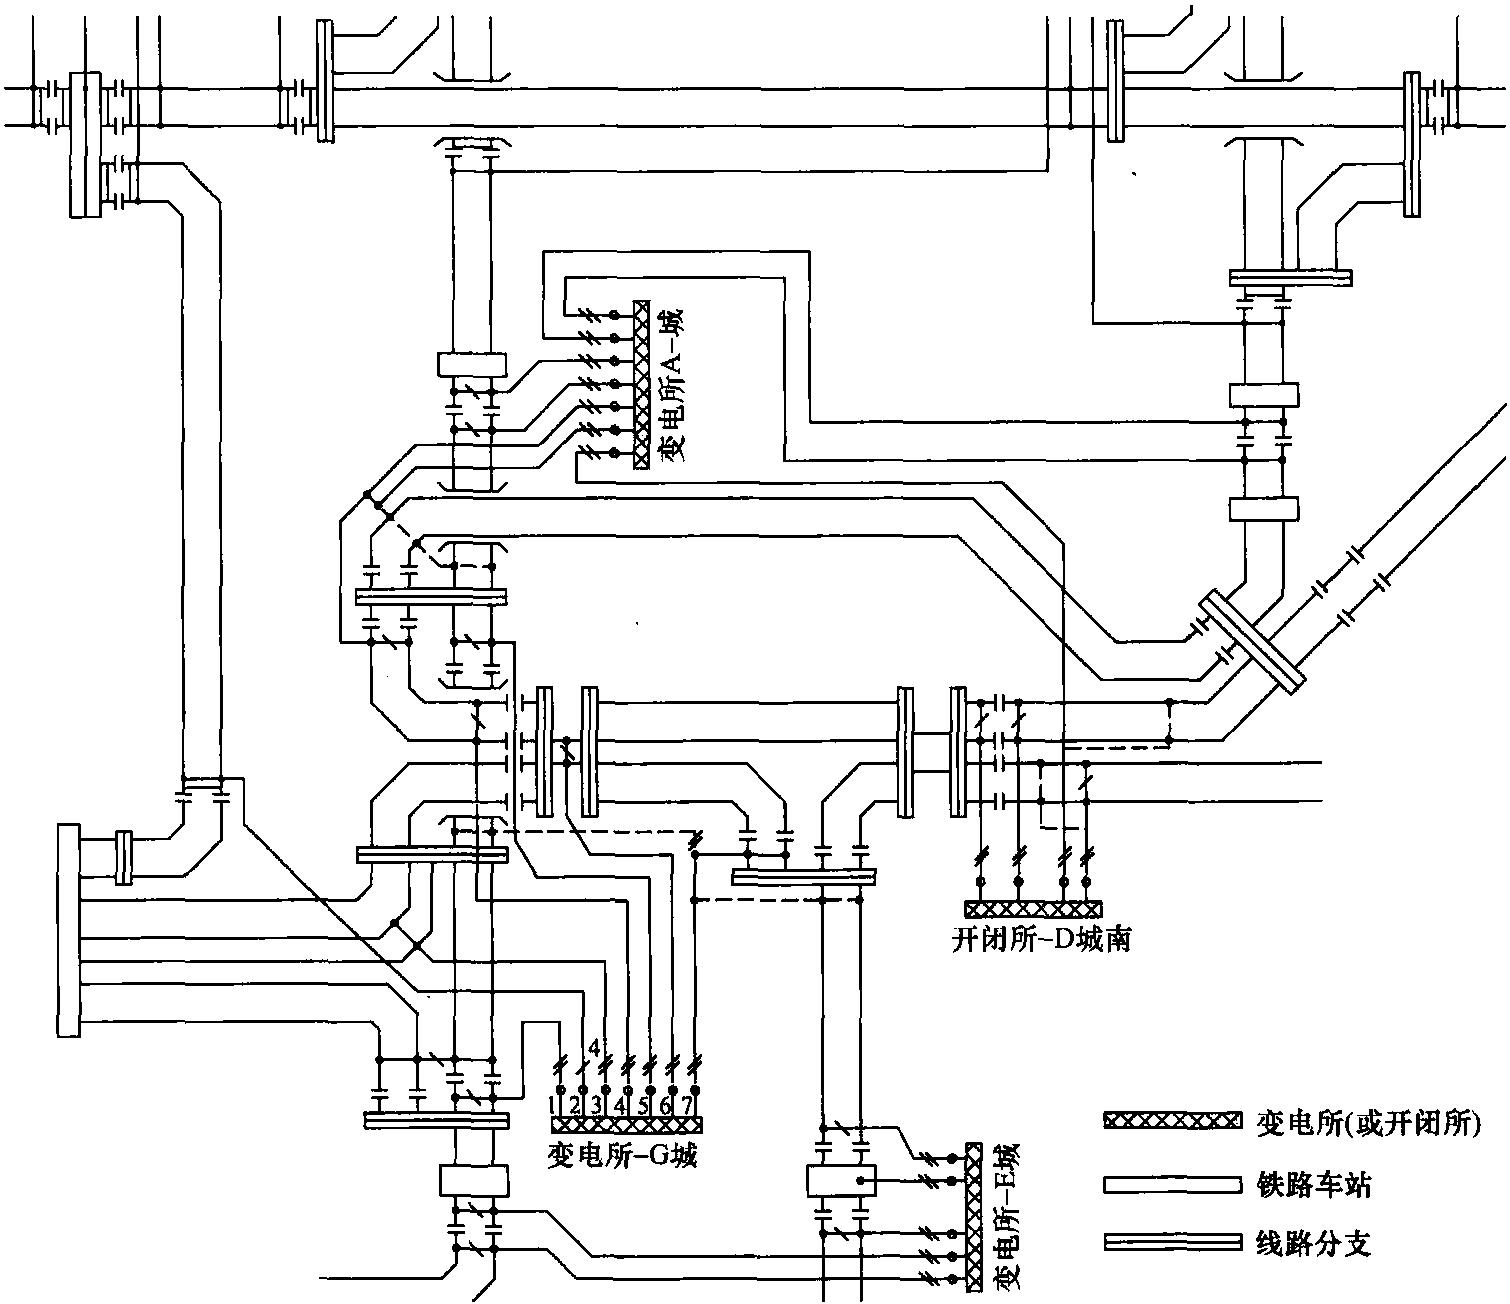 图6.5 线路馈线图节录 辅助负荷通过隔离开关由架空线路供电。接触网是否带电和隔离开关工作状态的识别将在第10.5节介绍。 线路馈线图清楚地显示了一完整线路或几条线路上的馈线情况,它是从接触网供电示意图派生出来的。图6.5示出线路馈电线图的一部分。